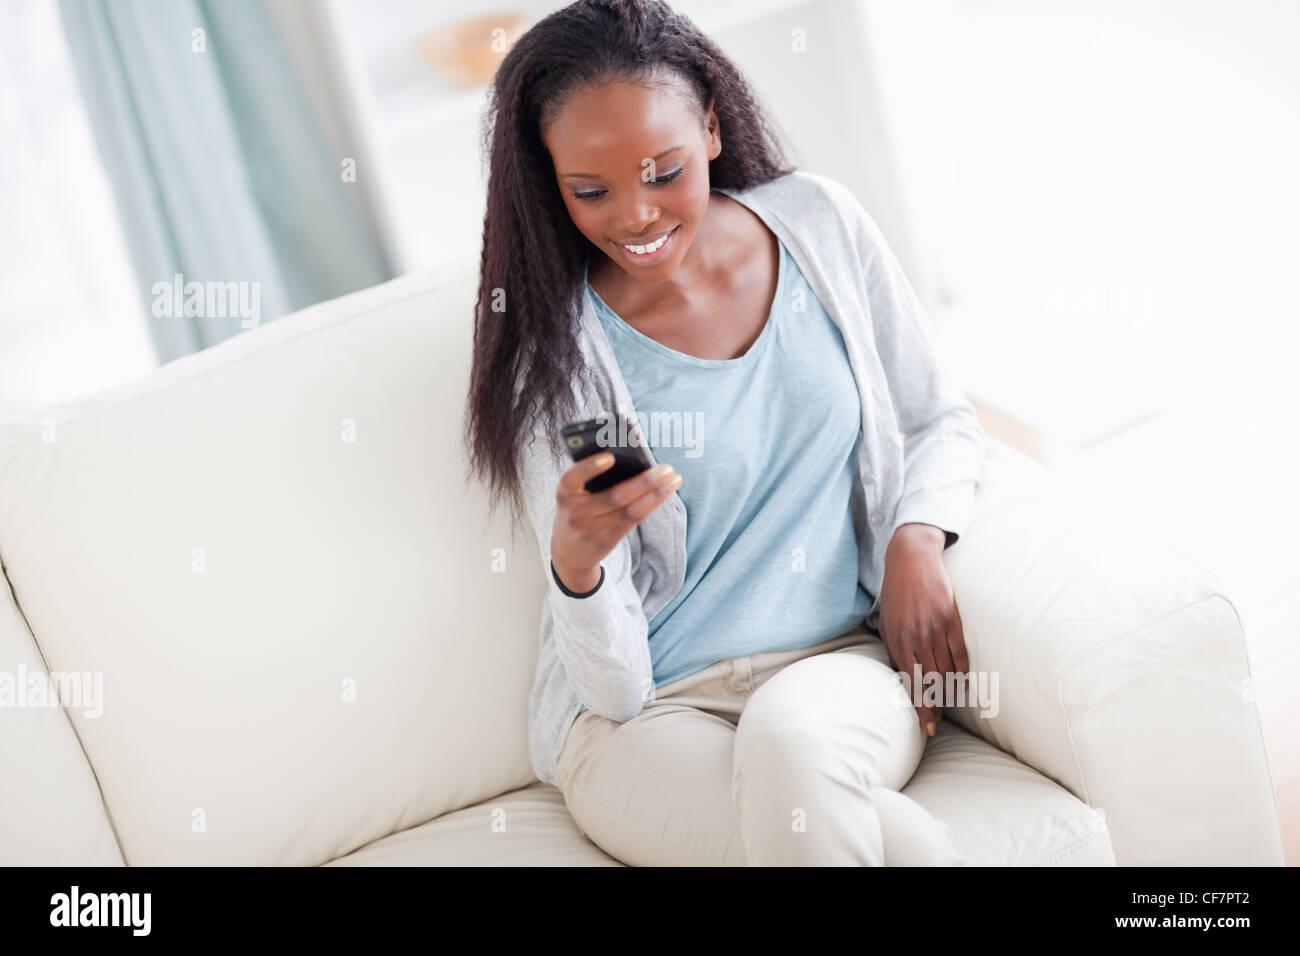 Mujer en la cama leyendo un mensaje de texto Imagen De Stock